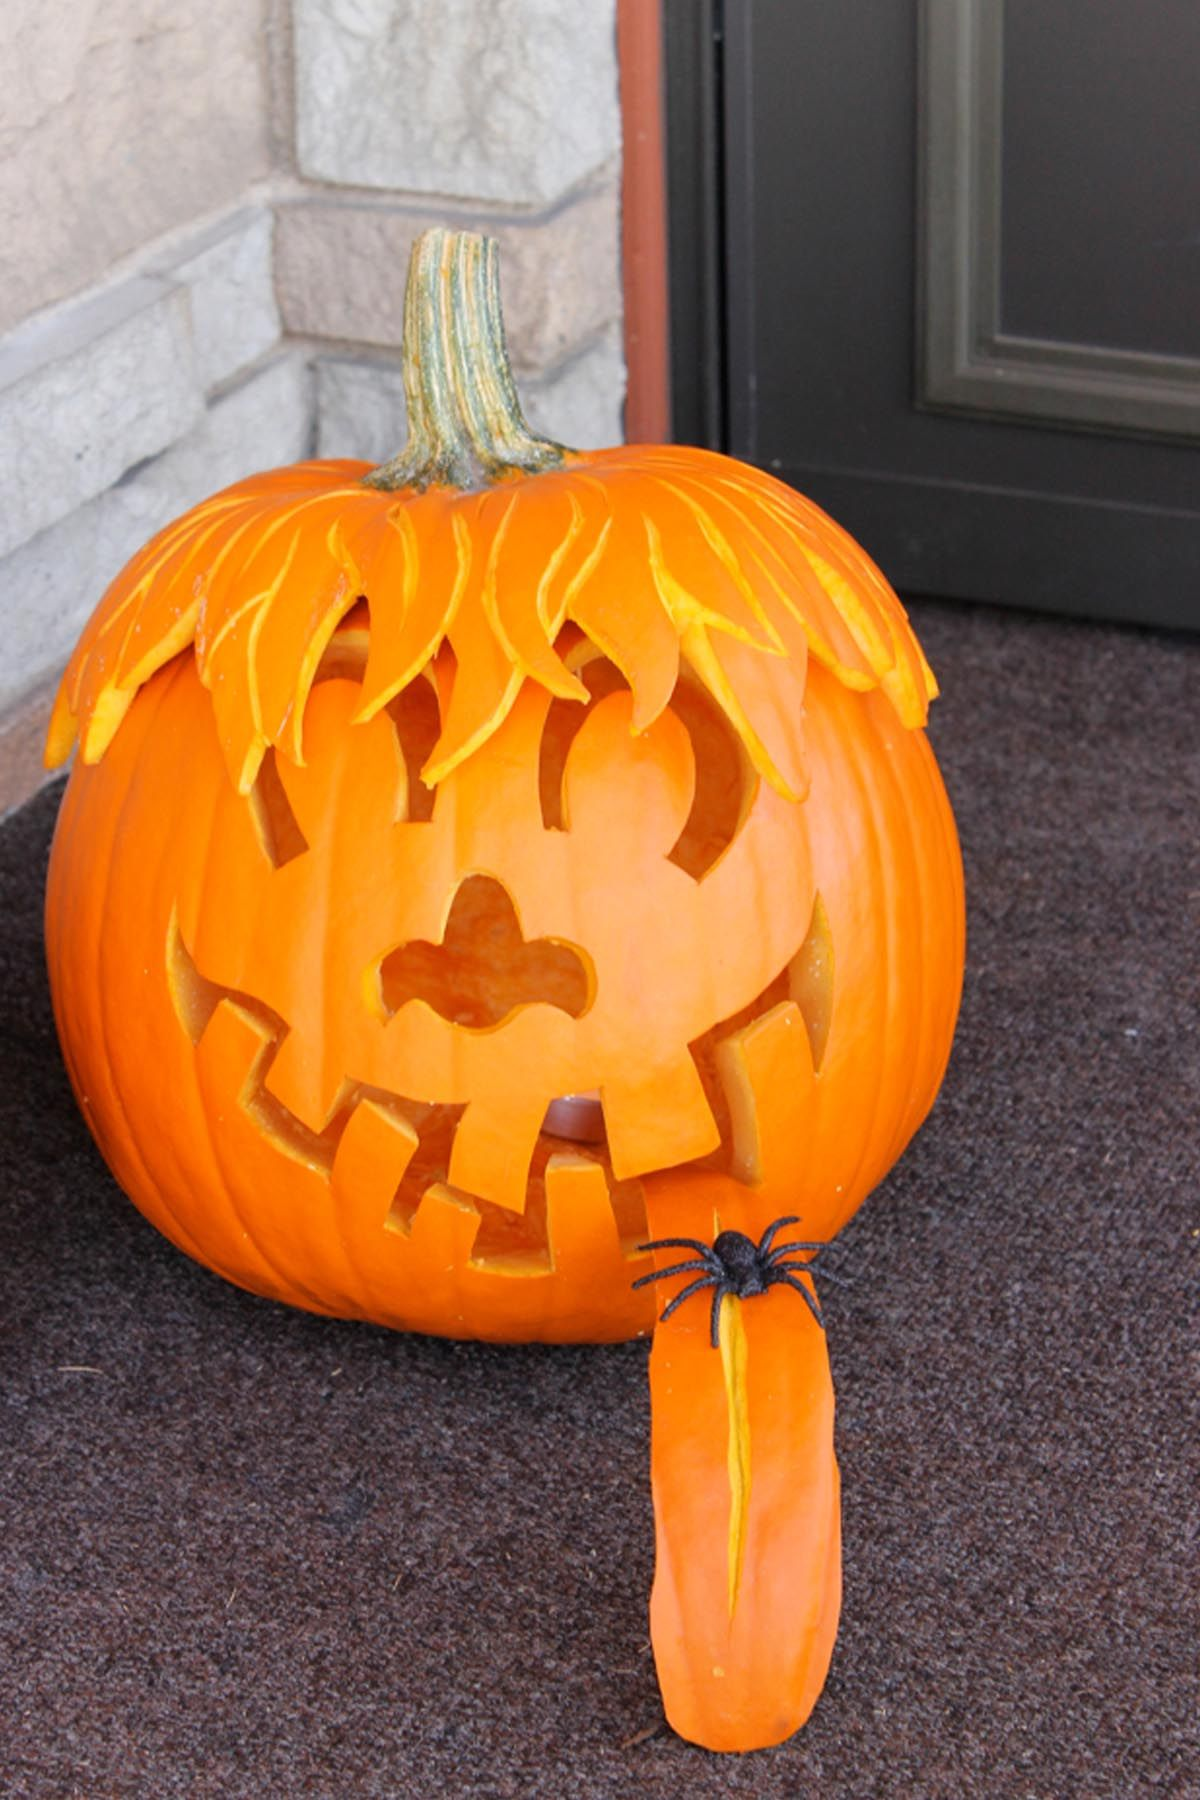 65+ Best Pumpkin Carving Ideas Halloween 2017 - Creative Jack o ...